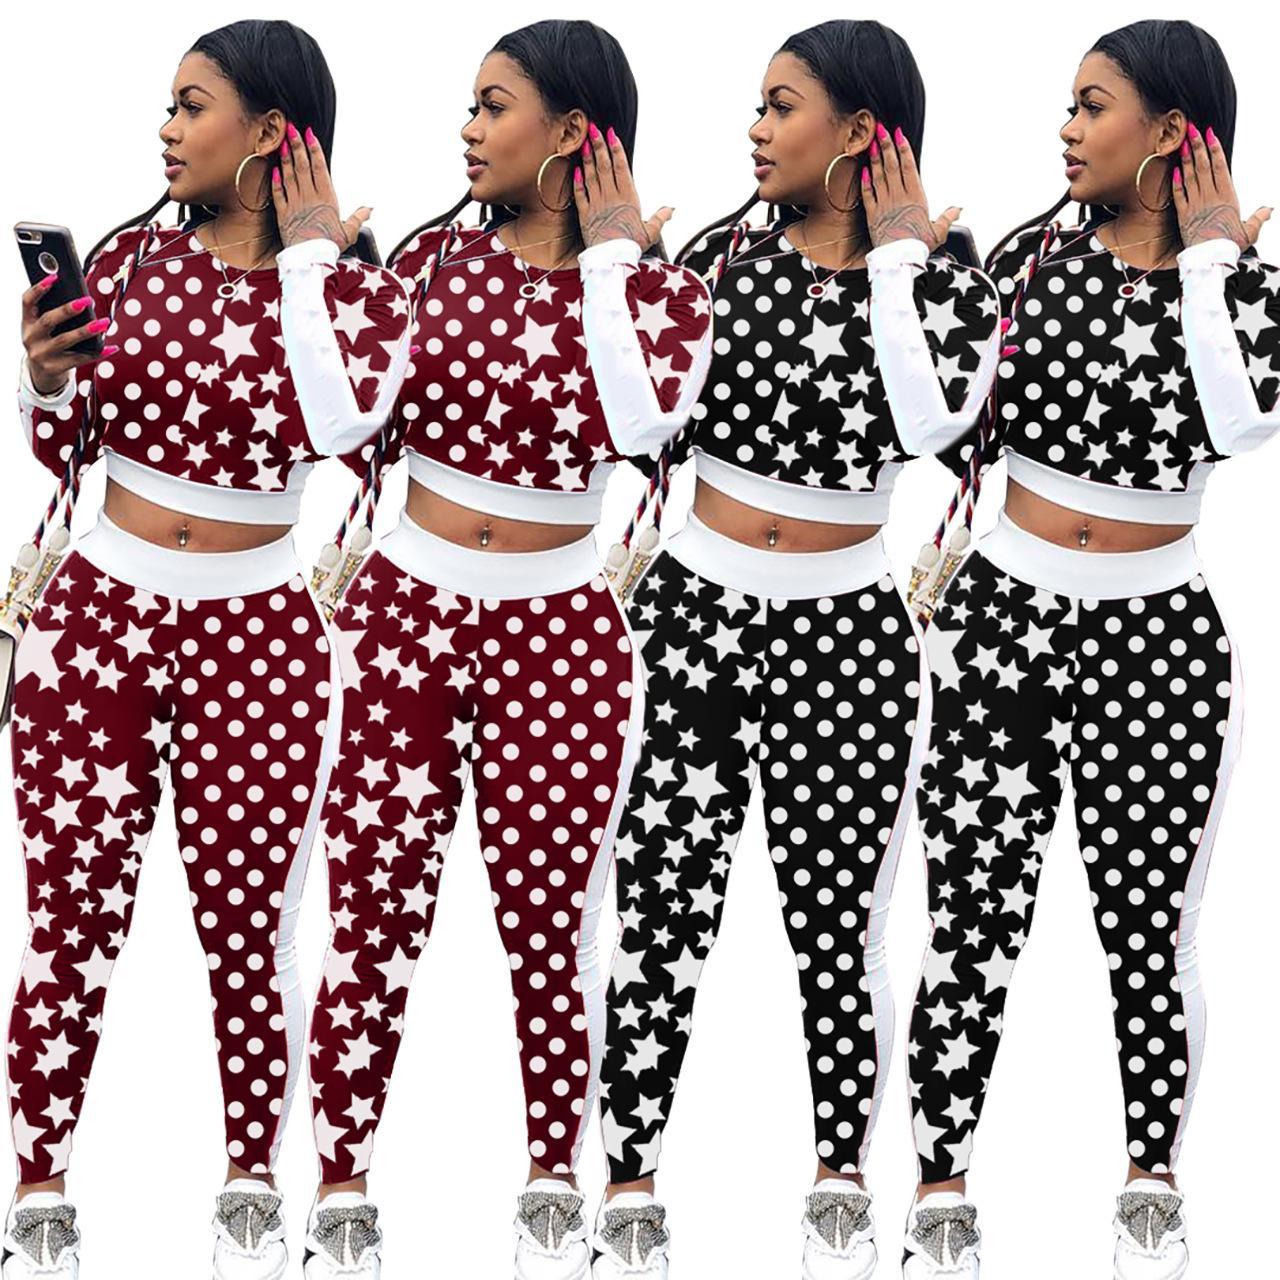 bf74cc90a Compre Mulheres Imprimir Estrelas Fatos De Treino Top Colheita + Calças 2  Peça Conjunto De Mulher Roupa Das Mulheres Suor Ternos Roupas Roupas De  Hengda999